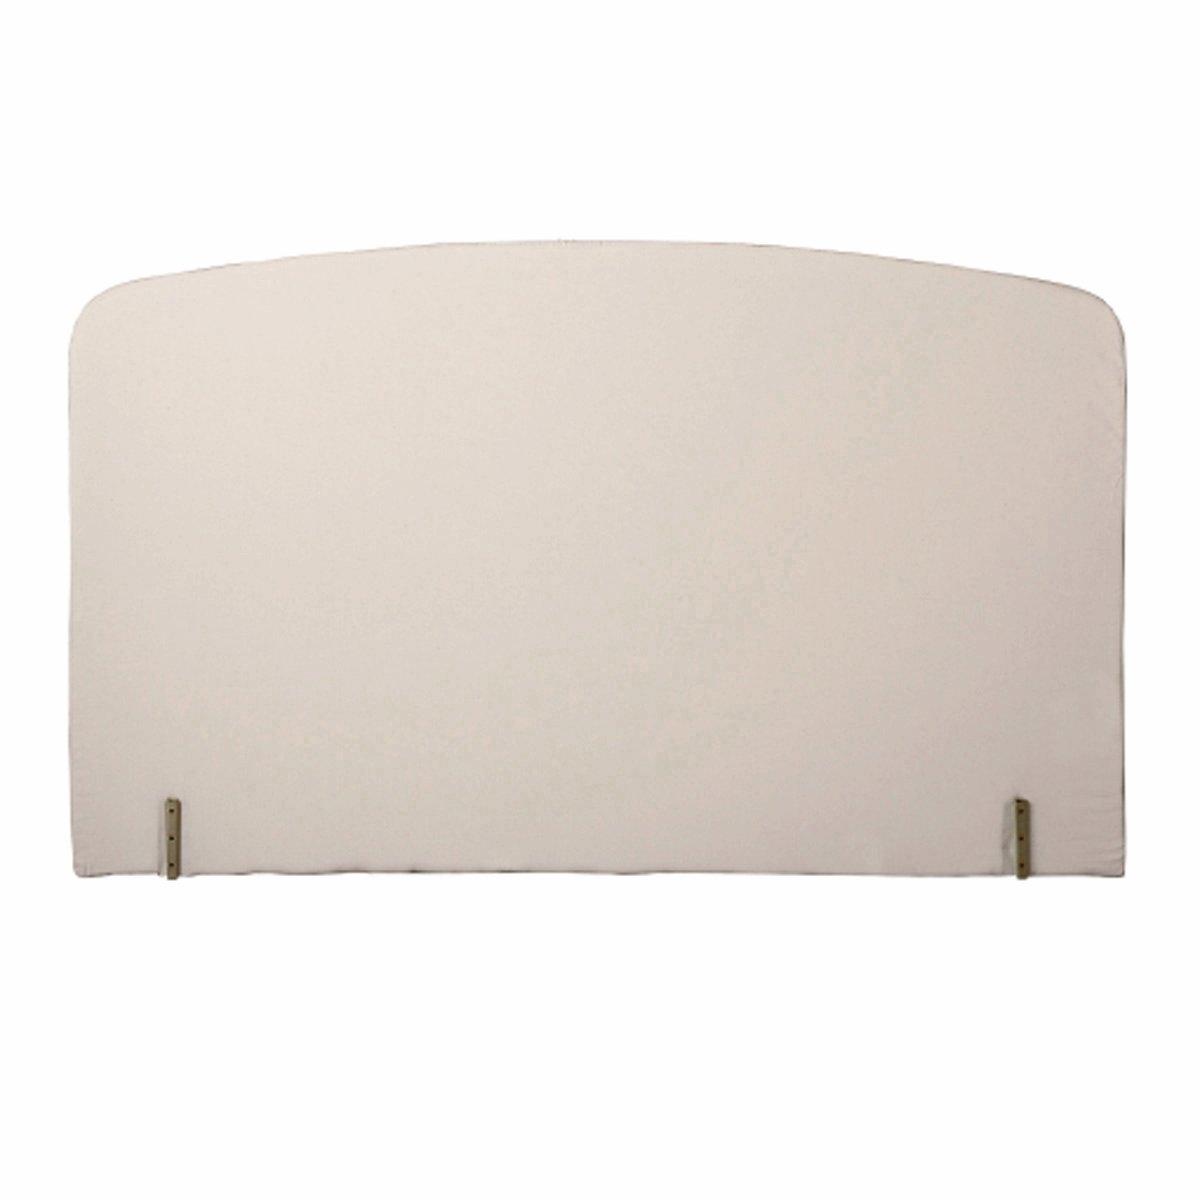 Изголовье La Redoute Кровати с обивкой изогнутой формы 140 см белый